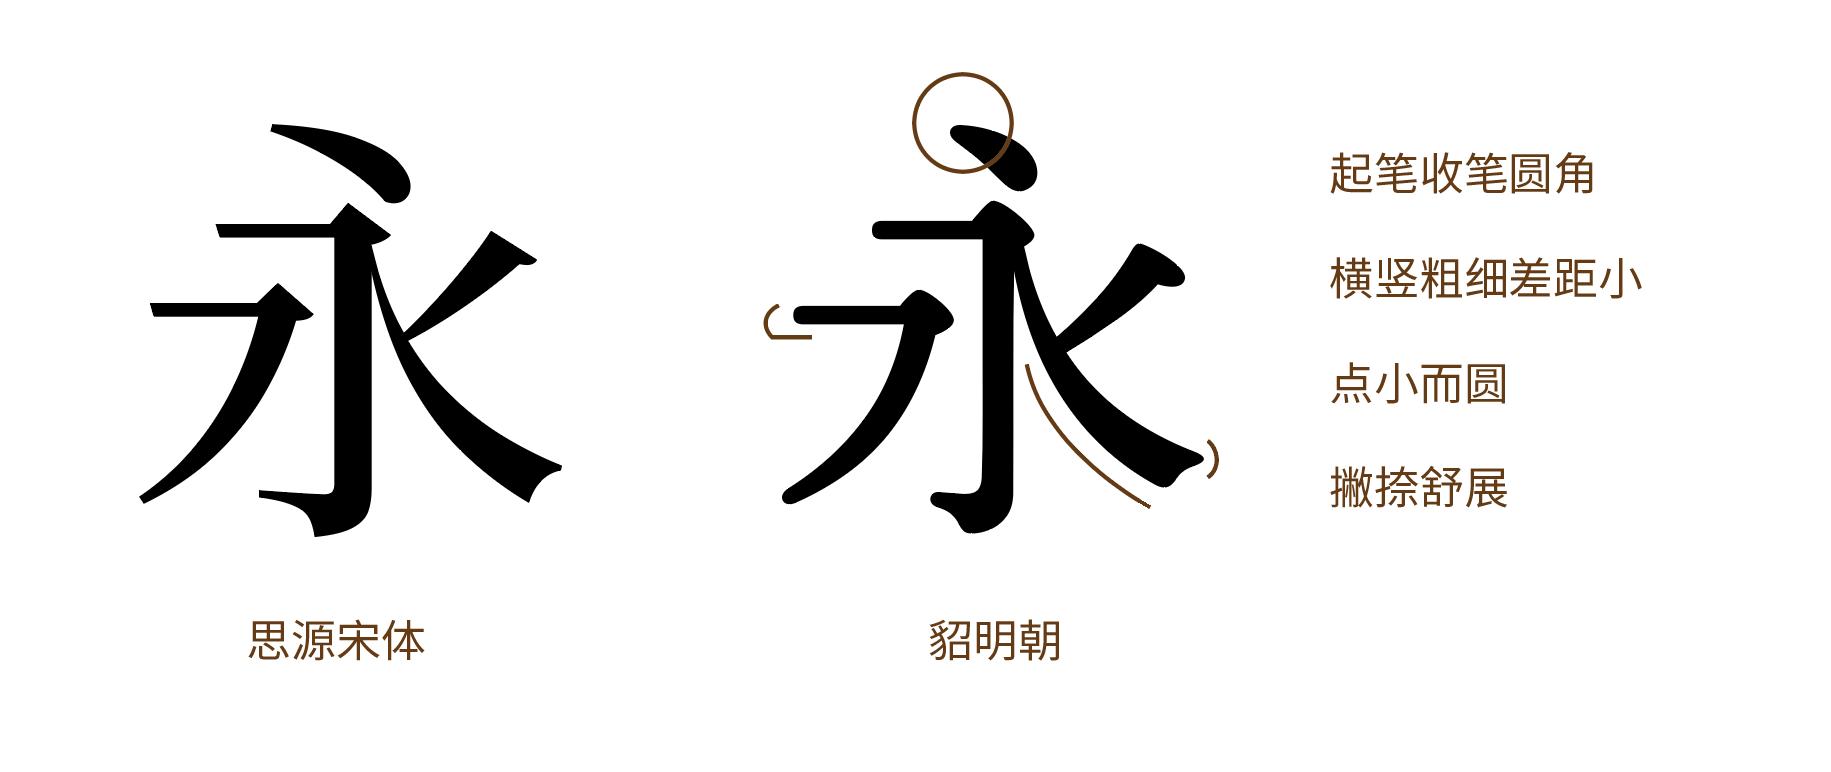 TenMincho-Elements